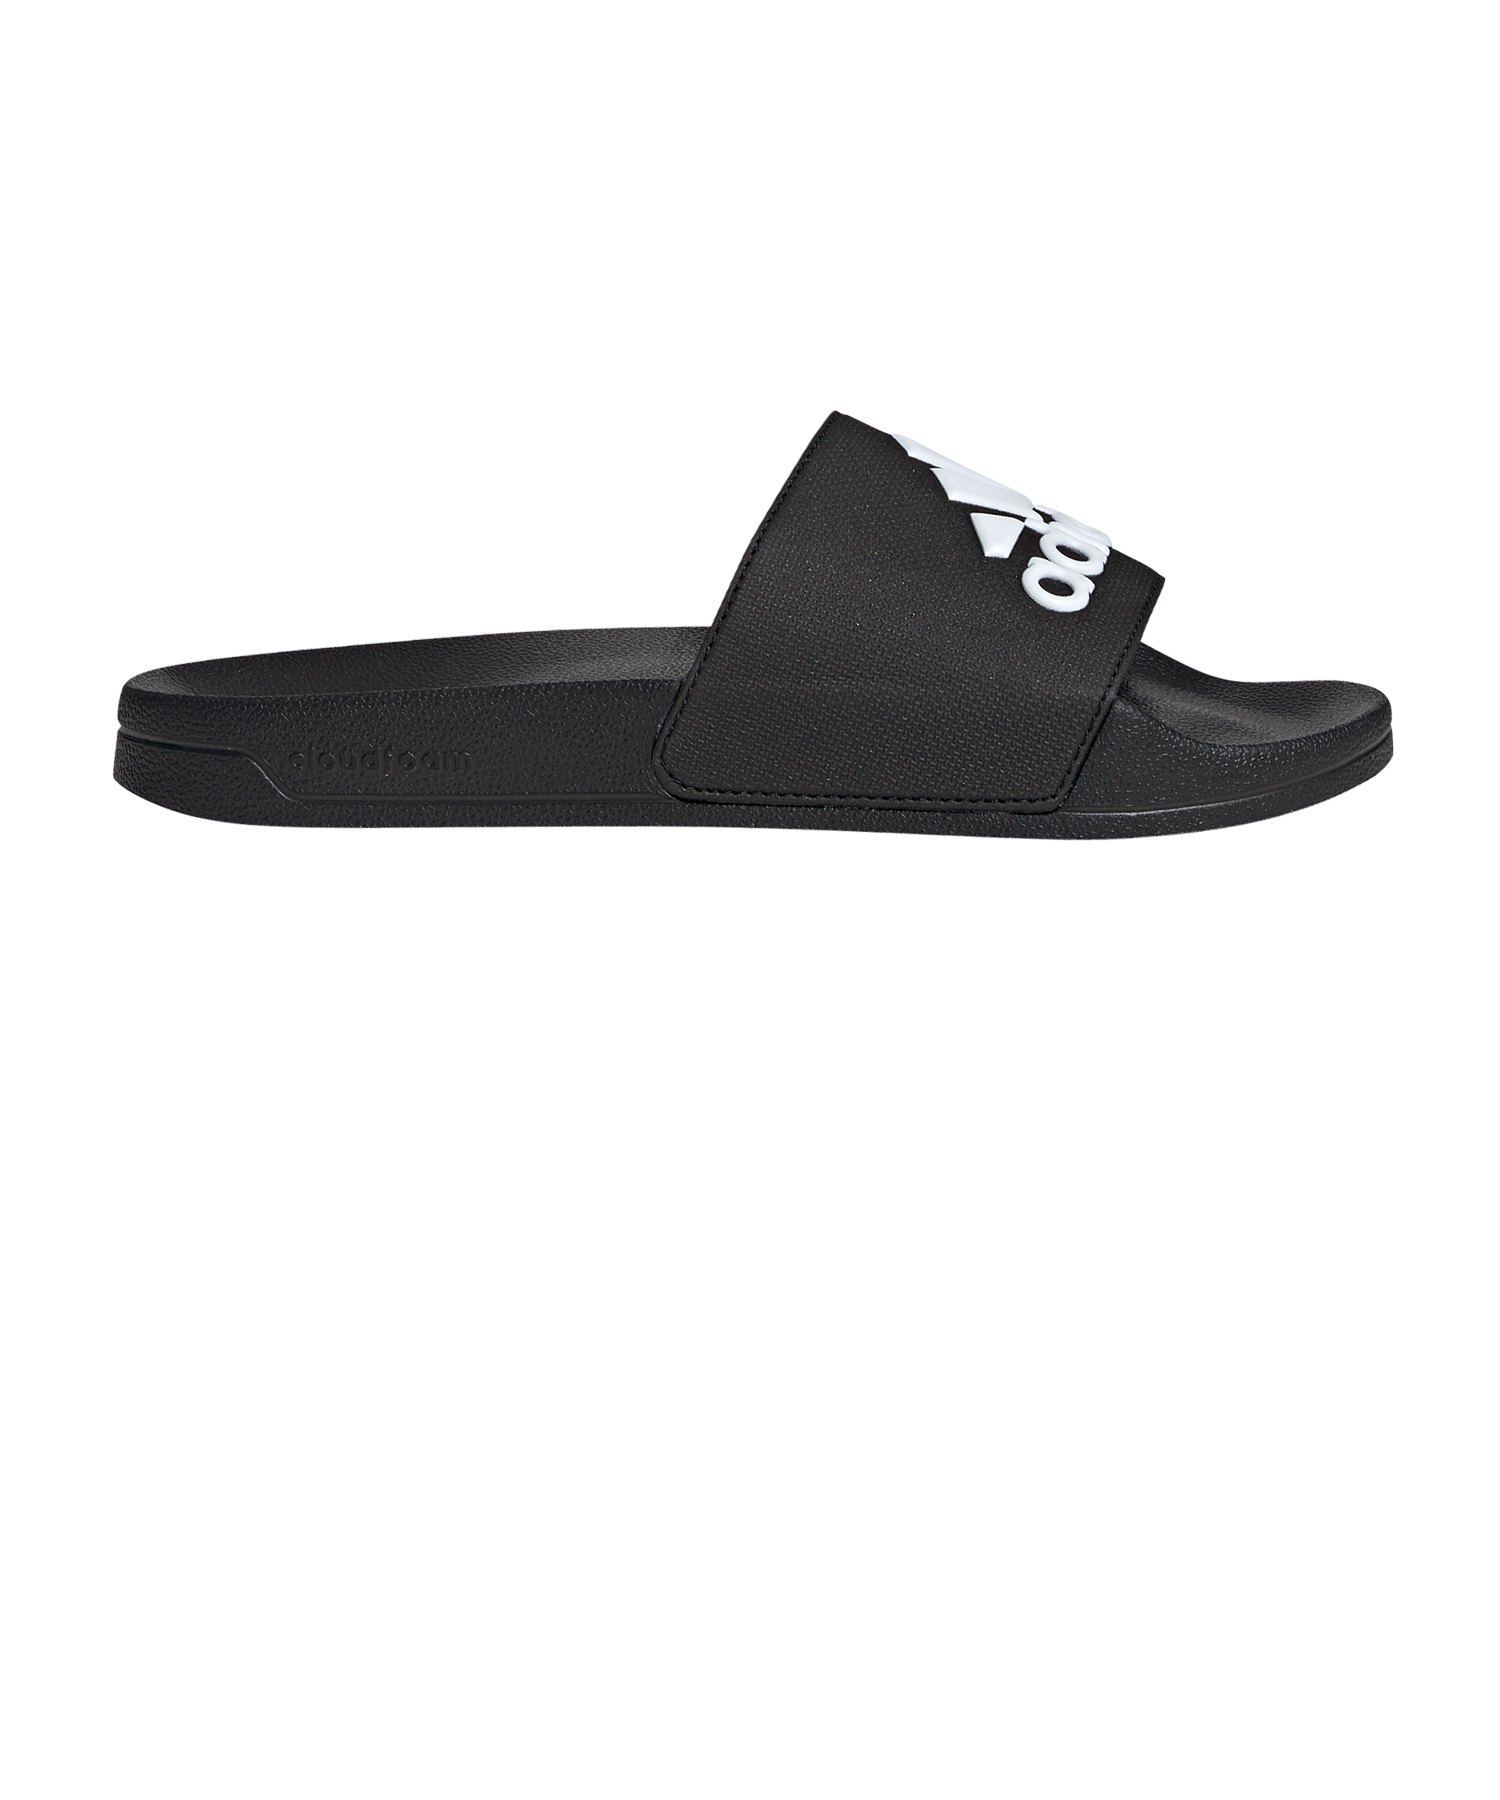 Adidas Originals Adilette Badelatschen schwarz